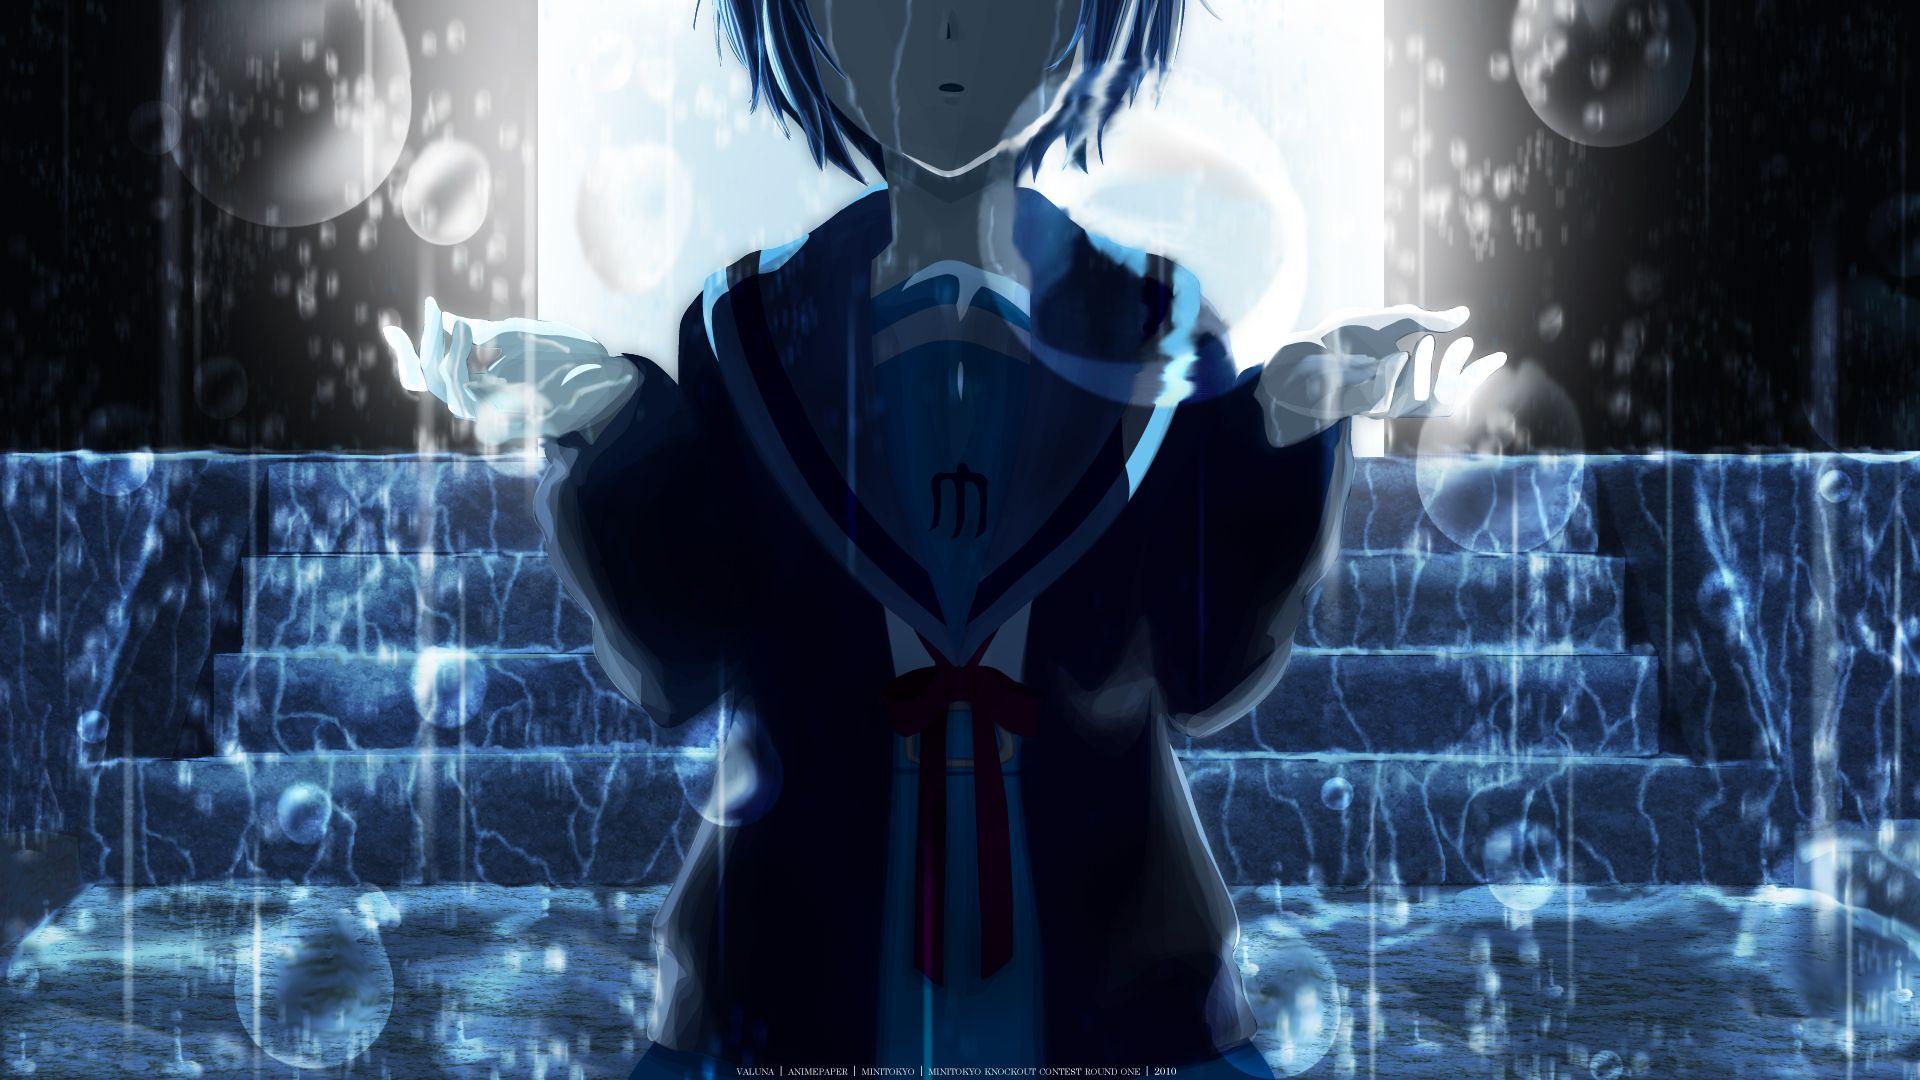 Sad Anime Wallpapers   Top Sad Anime Backgrounds 1920x1080